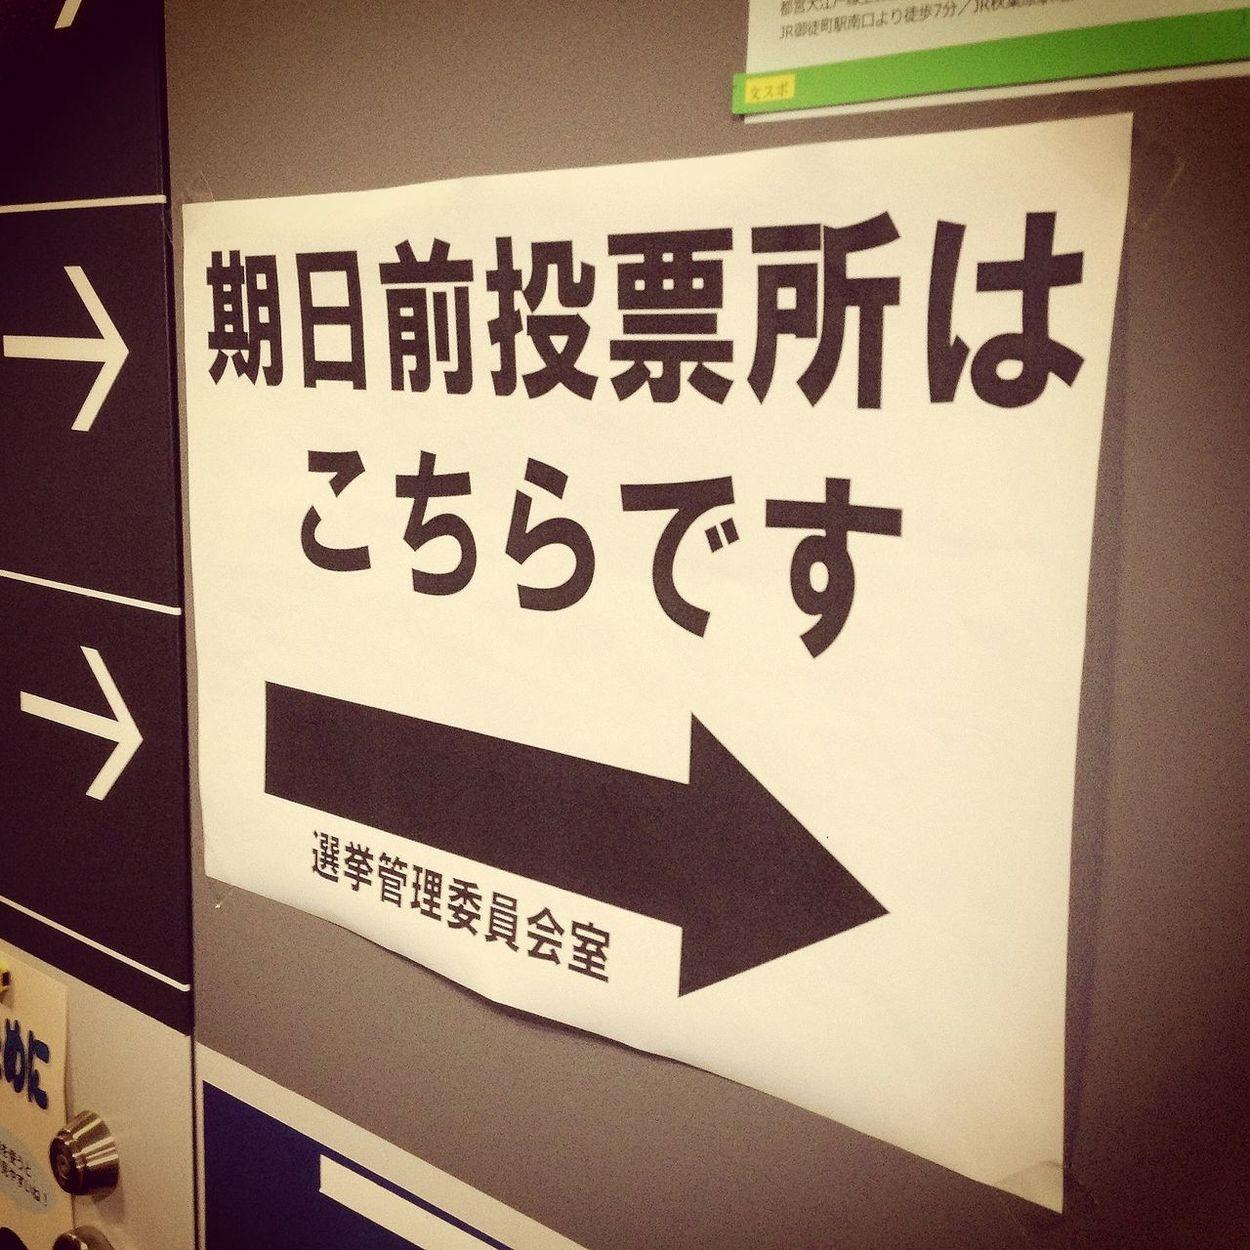 土日は札幌に行くんで、事前投票を済みました。 六日去札幌所以先來投票。